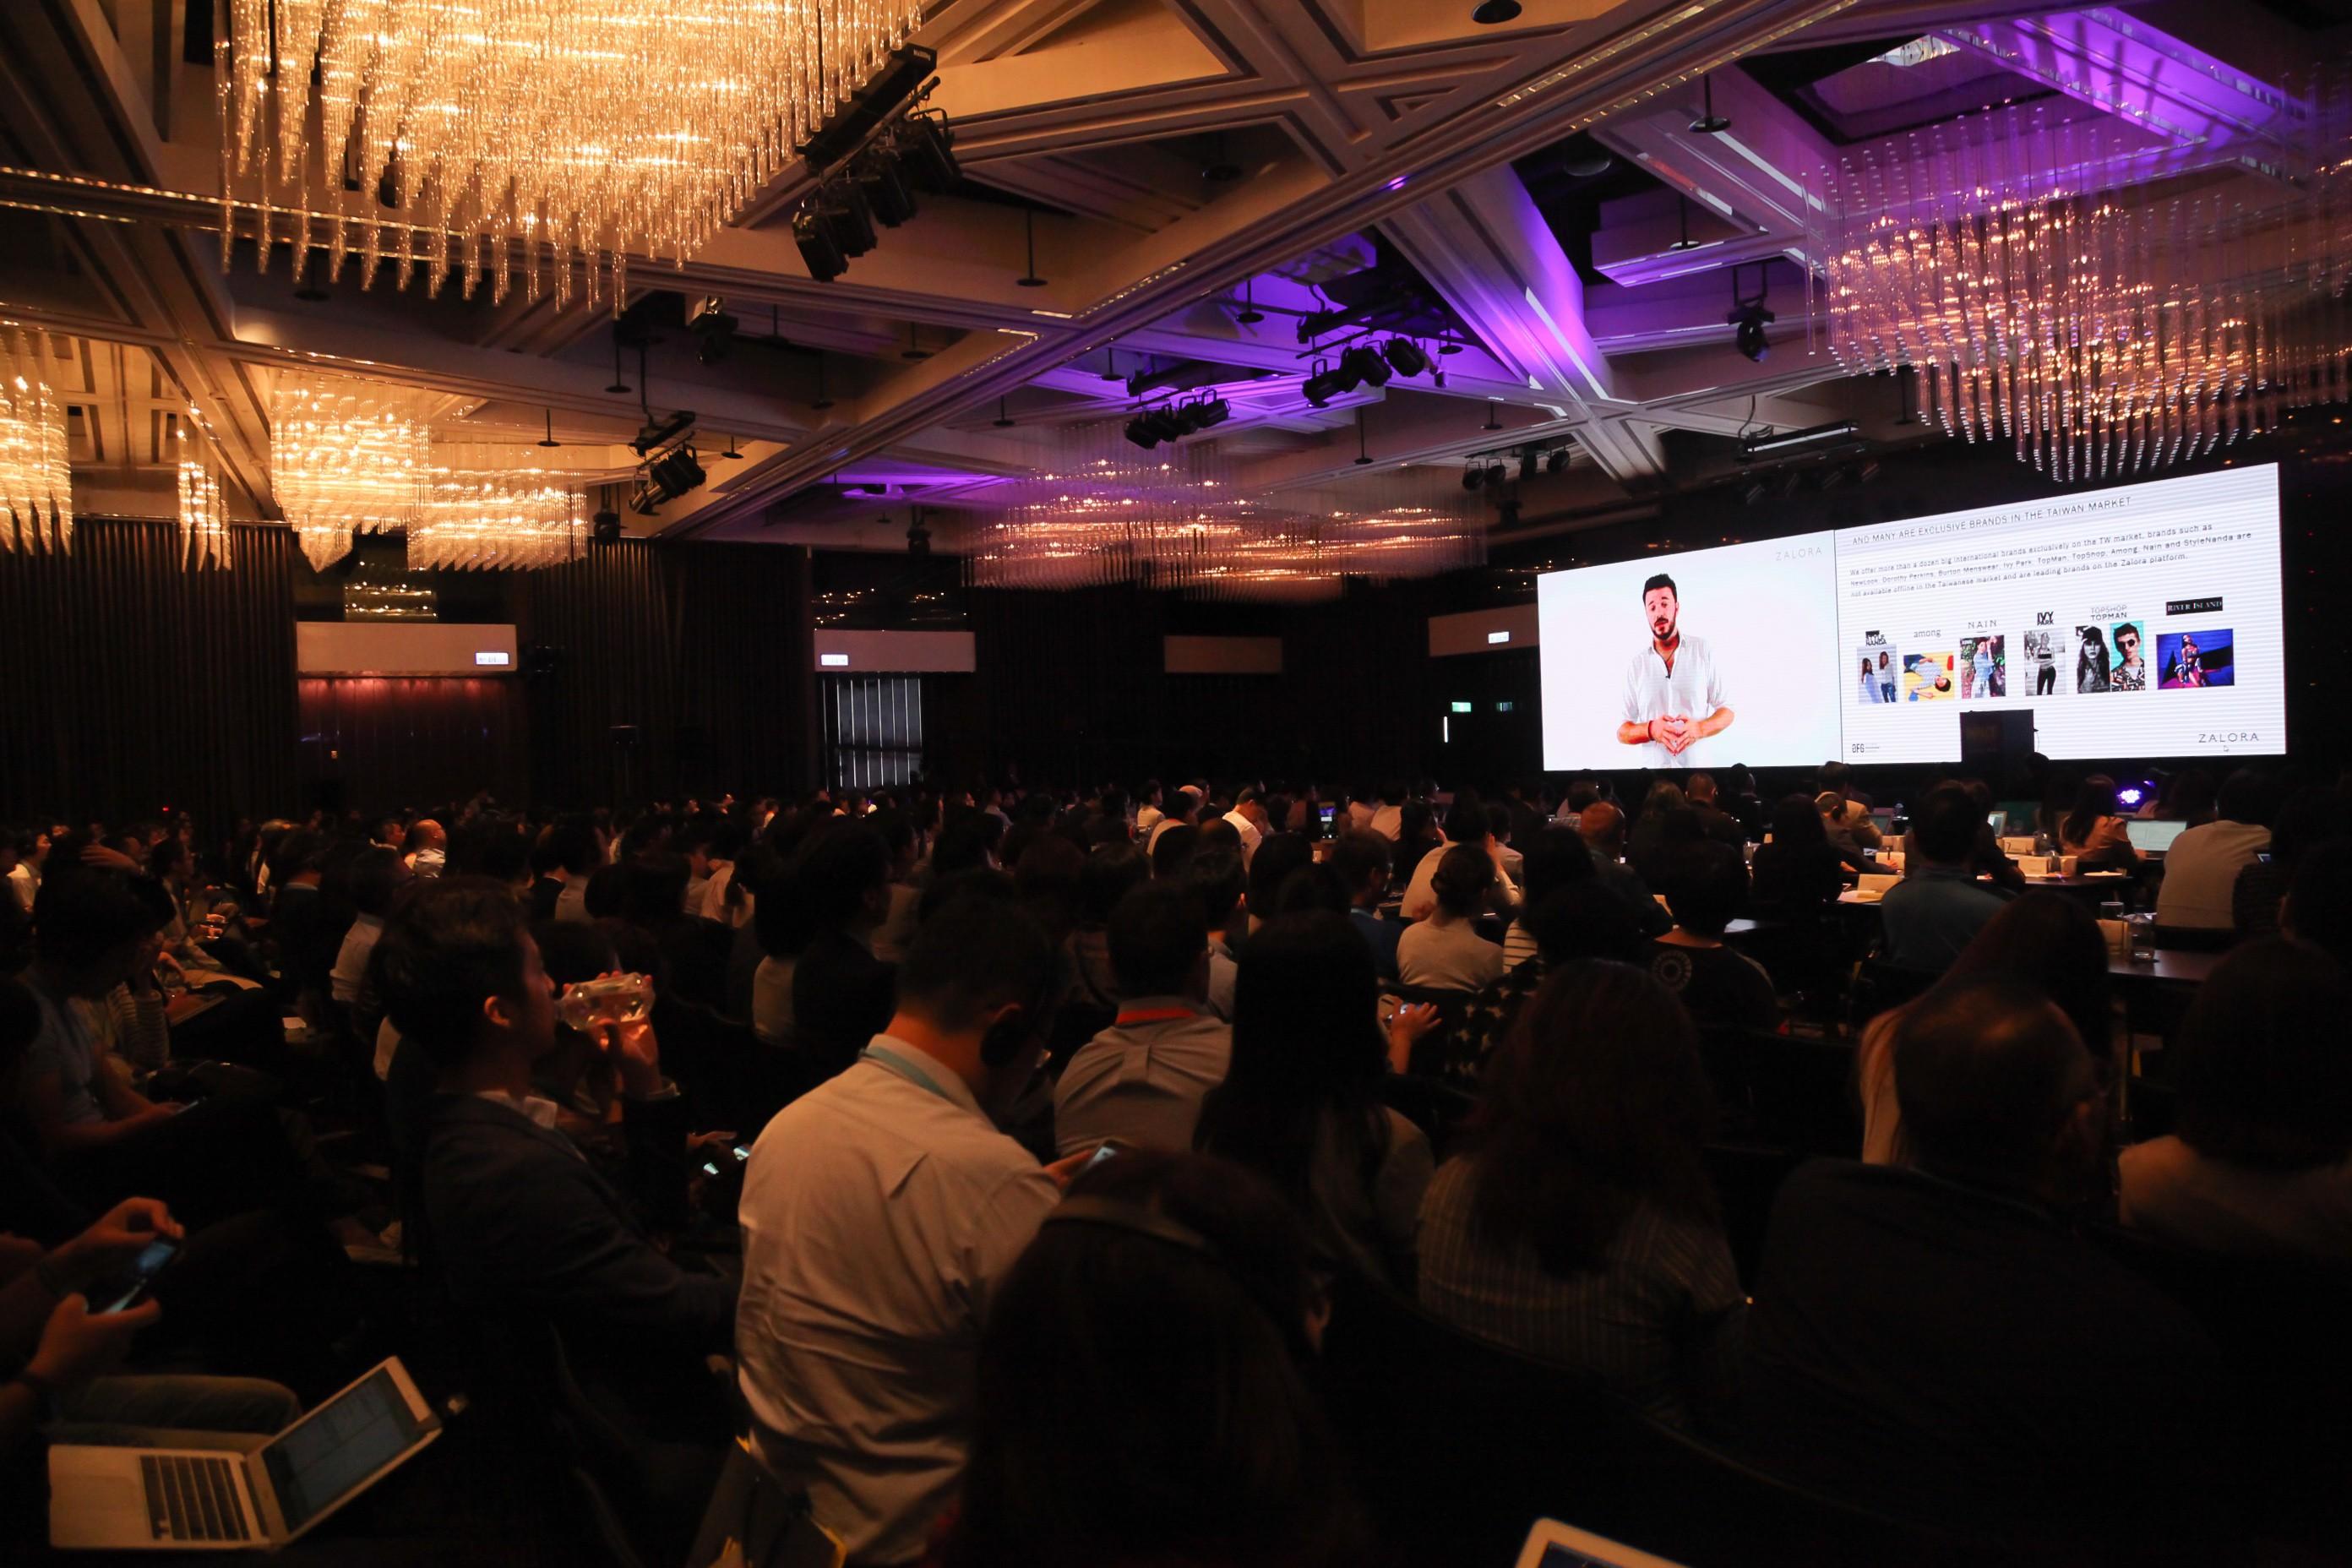 圖三:ZALORA 台灣營運總監 Giulio Xiloyannis 亦透過影音與 Live QA 與現場聽眾揭開國際時尚集團打進在地市場的祕技